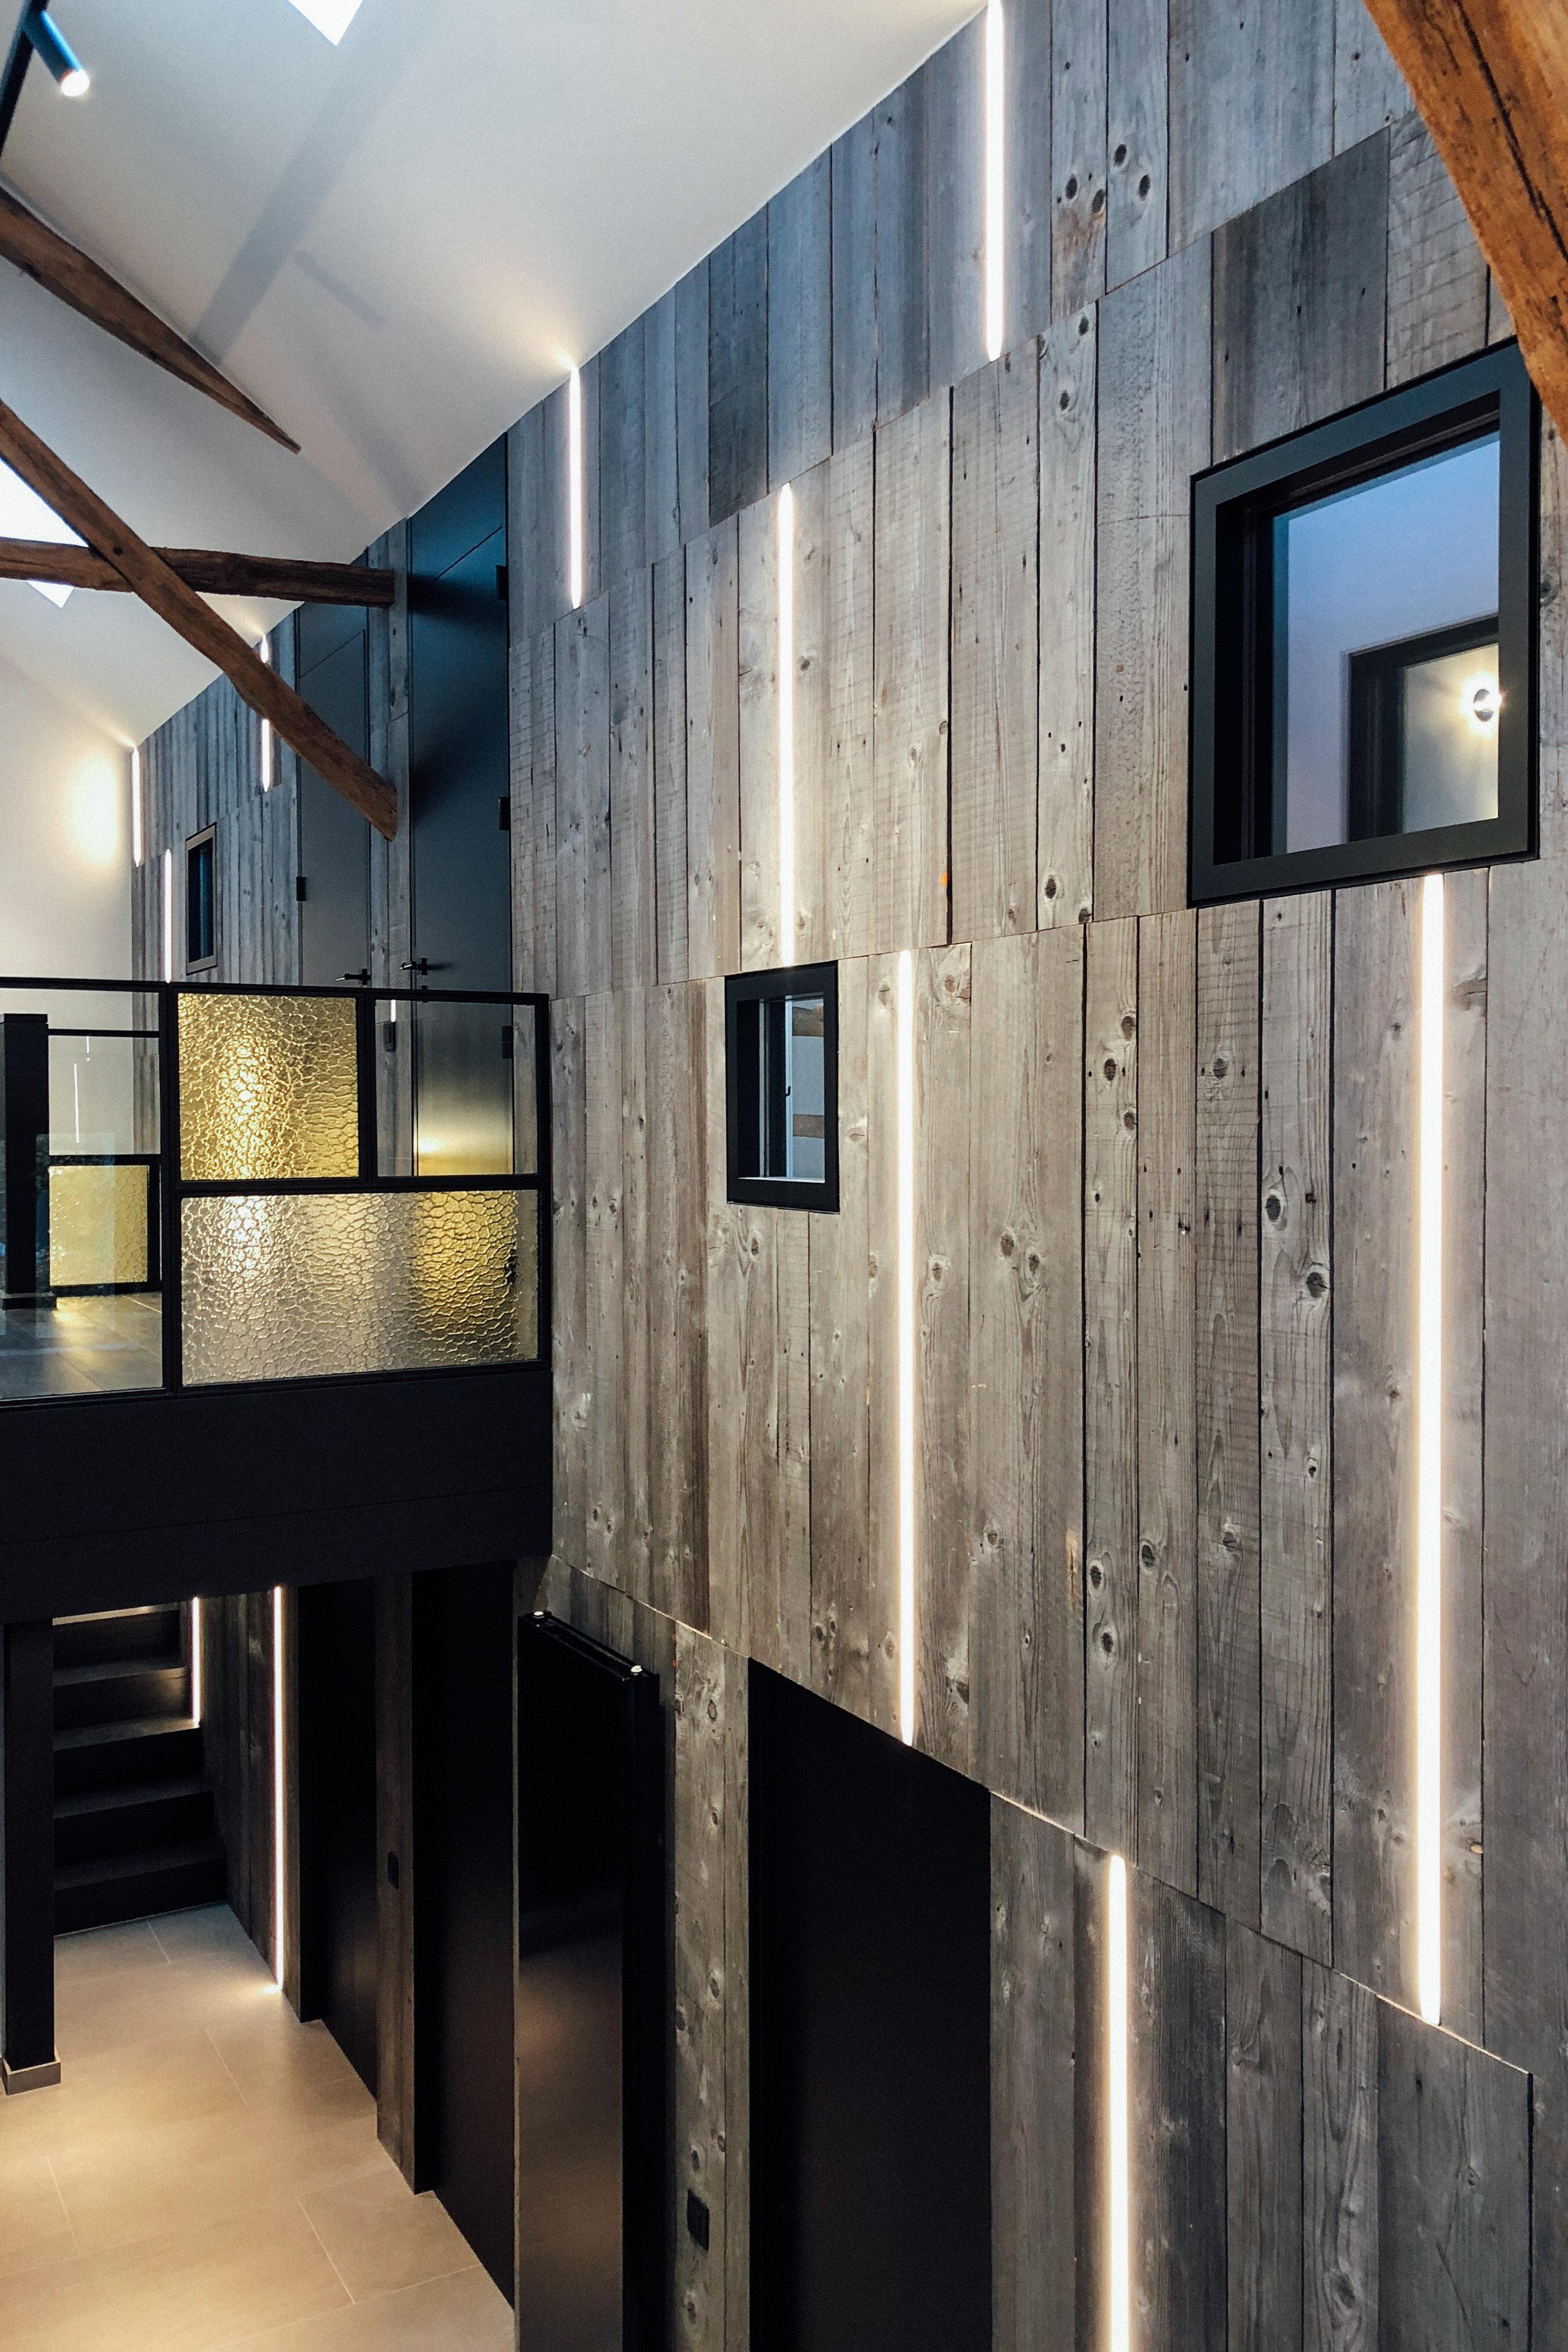 DA01  - Hallway - Renovation of a Lodge for 20 people / Rénovation d'un gîte pour 20 personnes